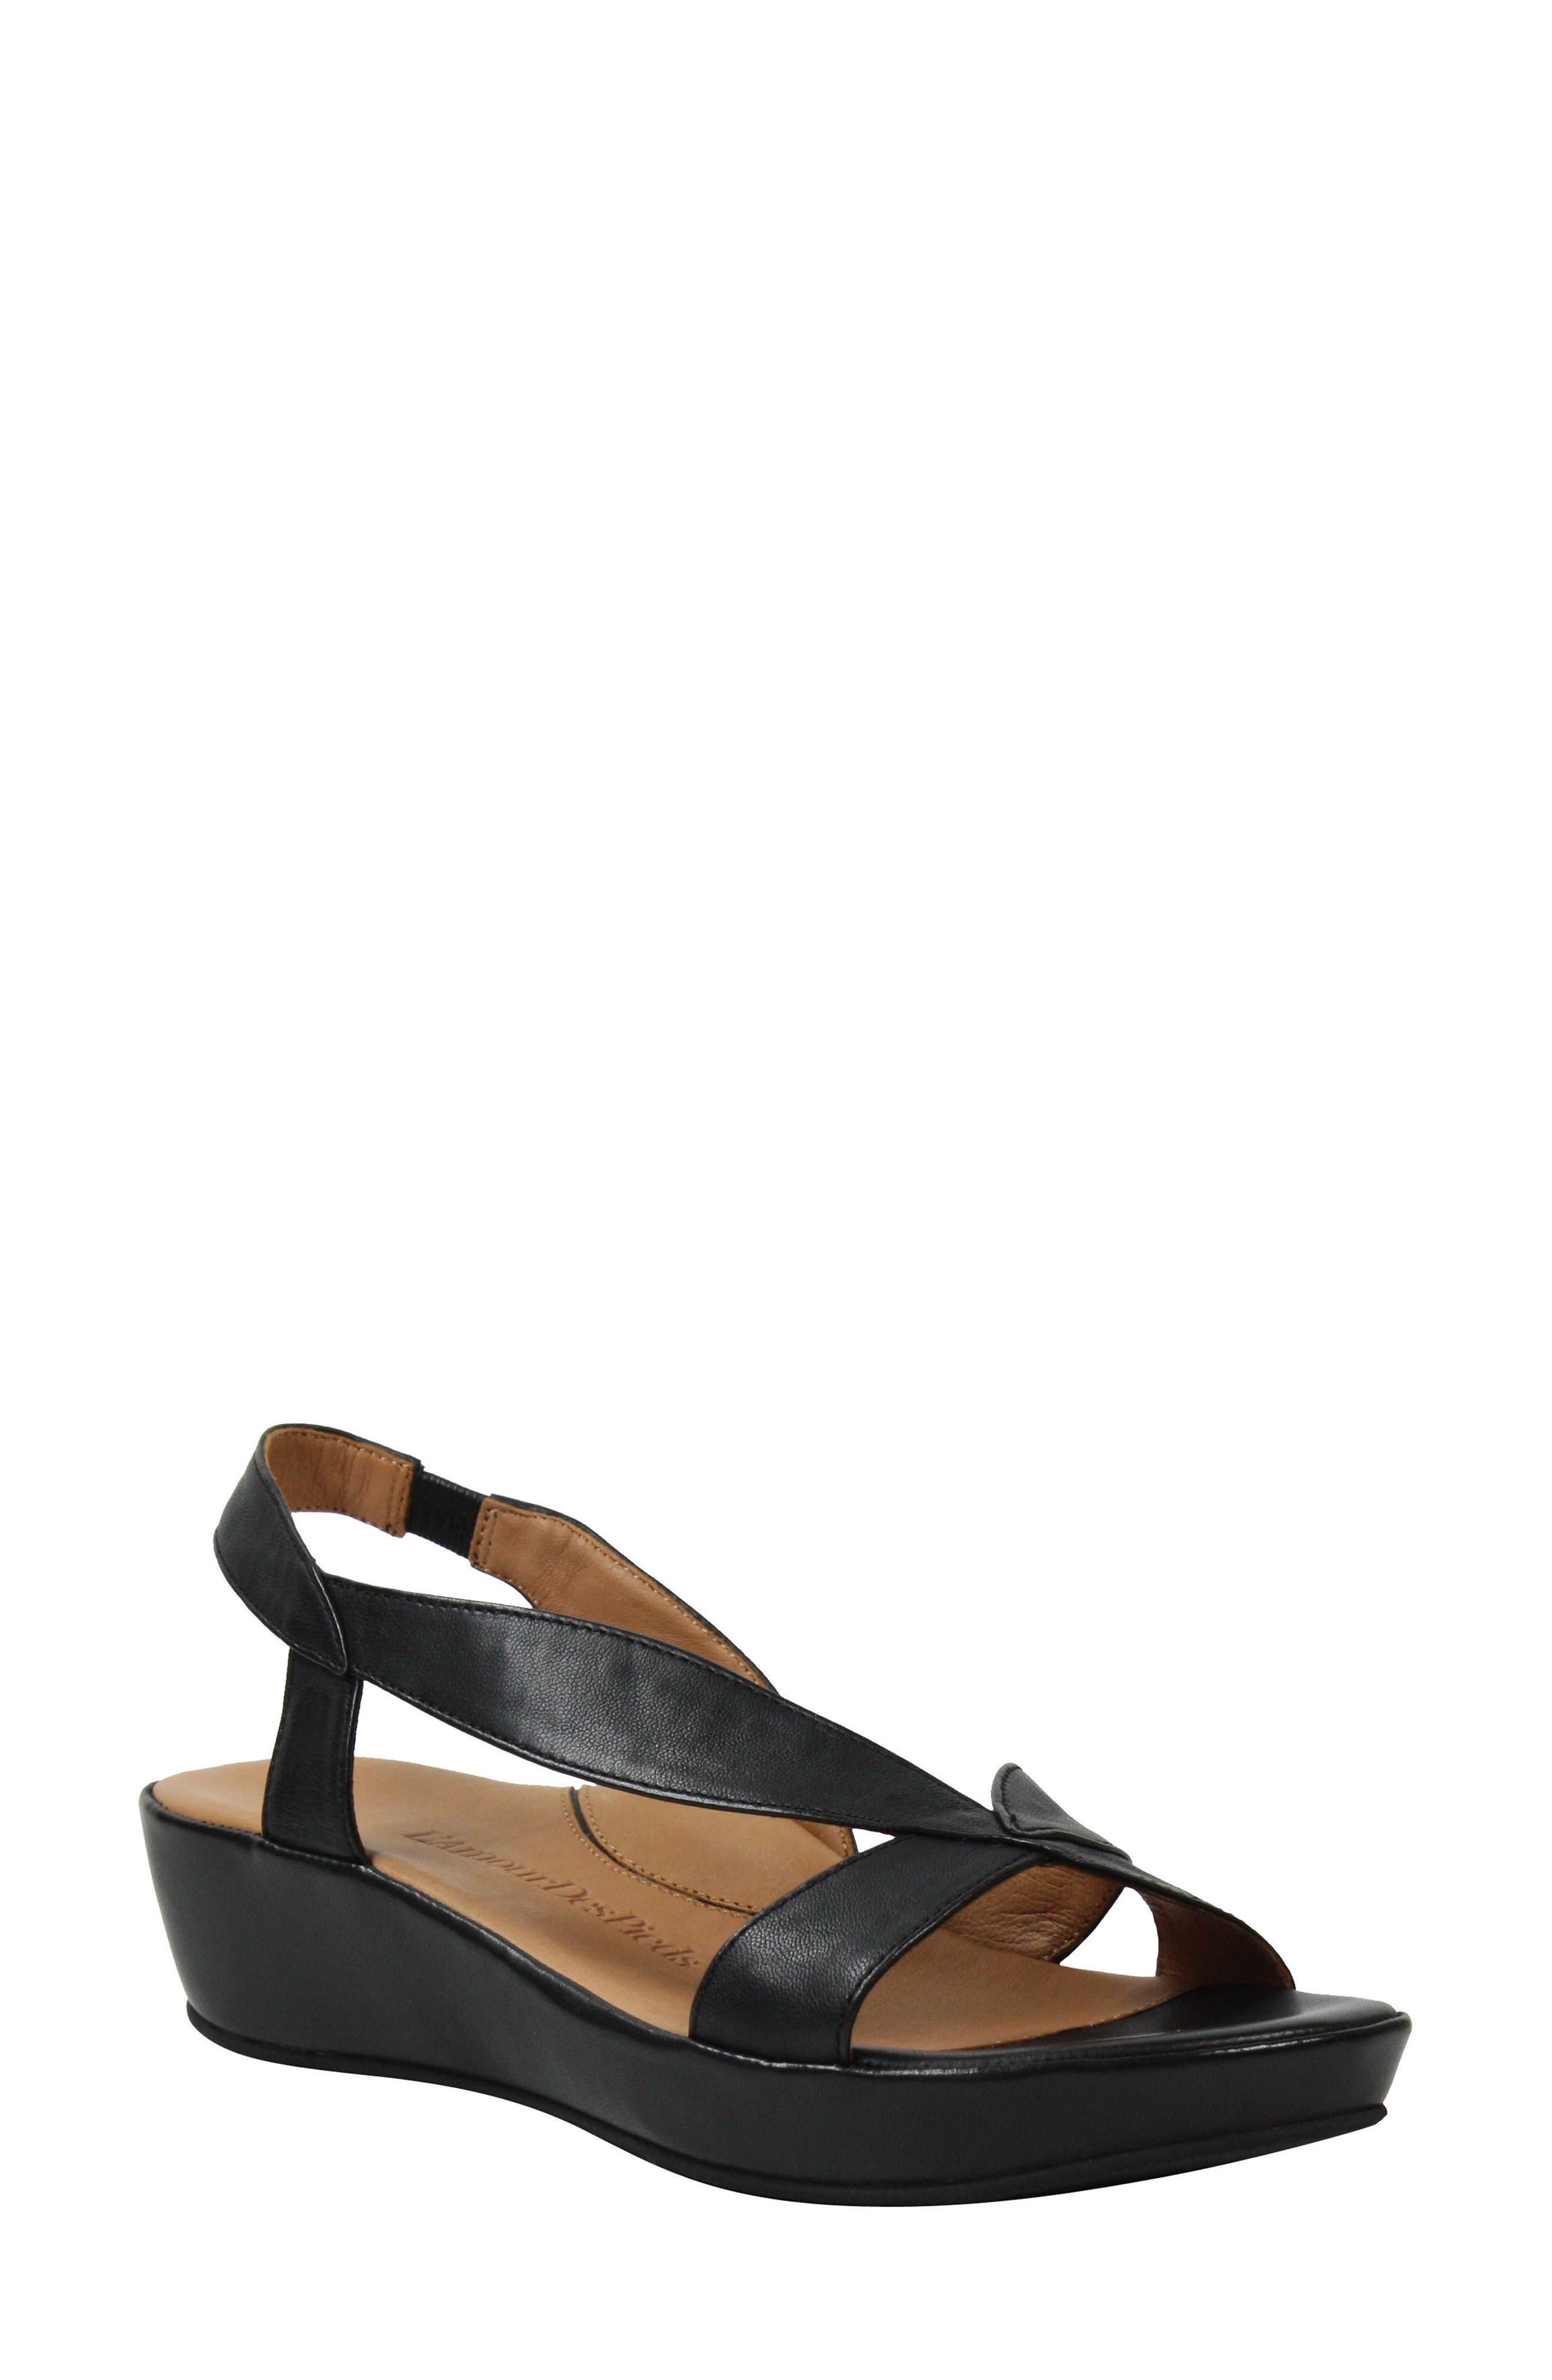 L'AMOUR DES PIEDS, Crotono Sandal, Main thumbnail 1, color, BLACK NAPPA LEATHER